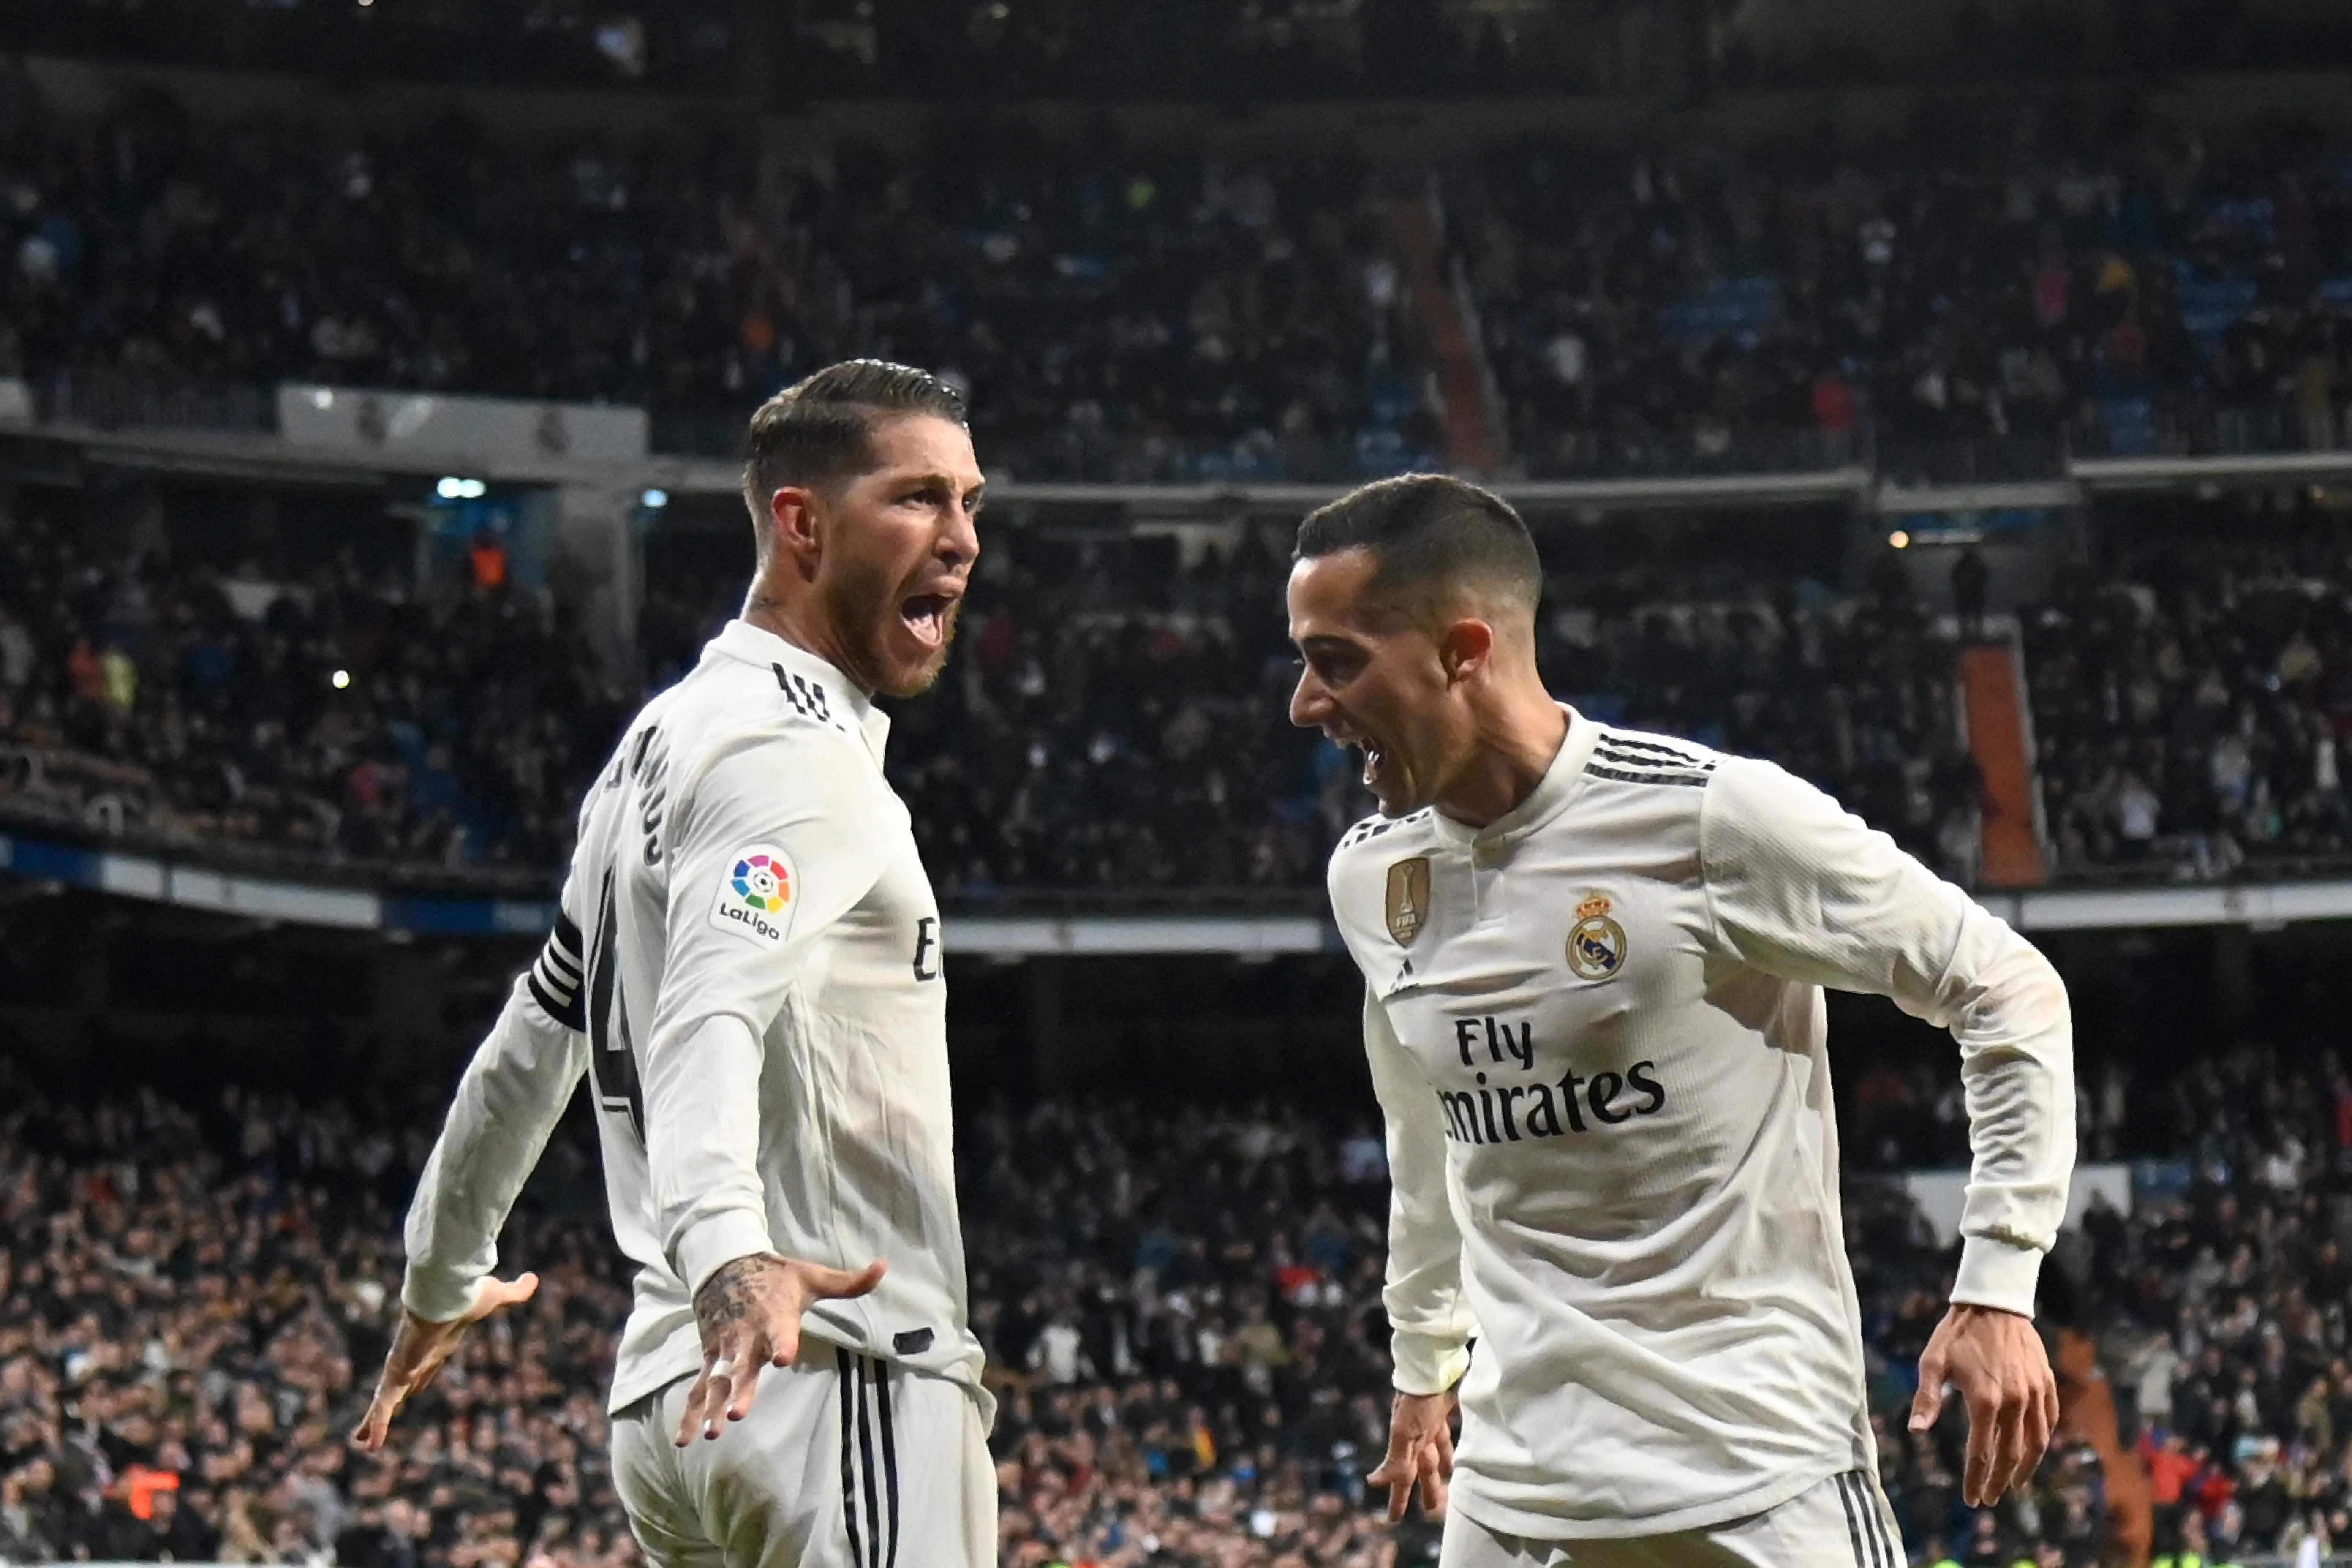 Sergio Ramos festeja con Lucas Vazquez, después de haber anotado un gol contra el Girona. (Foto Prensa Libre: AFP).